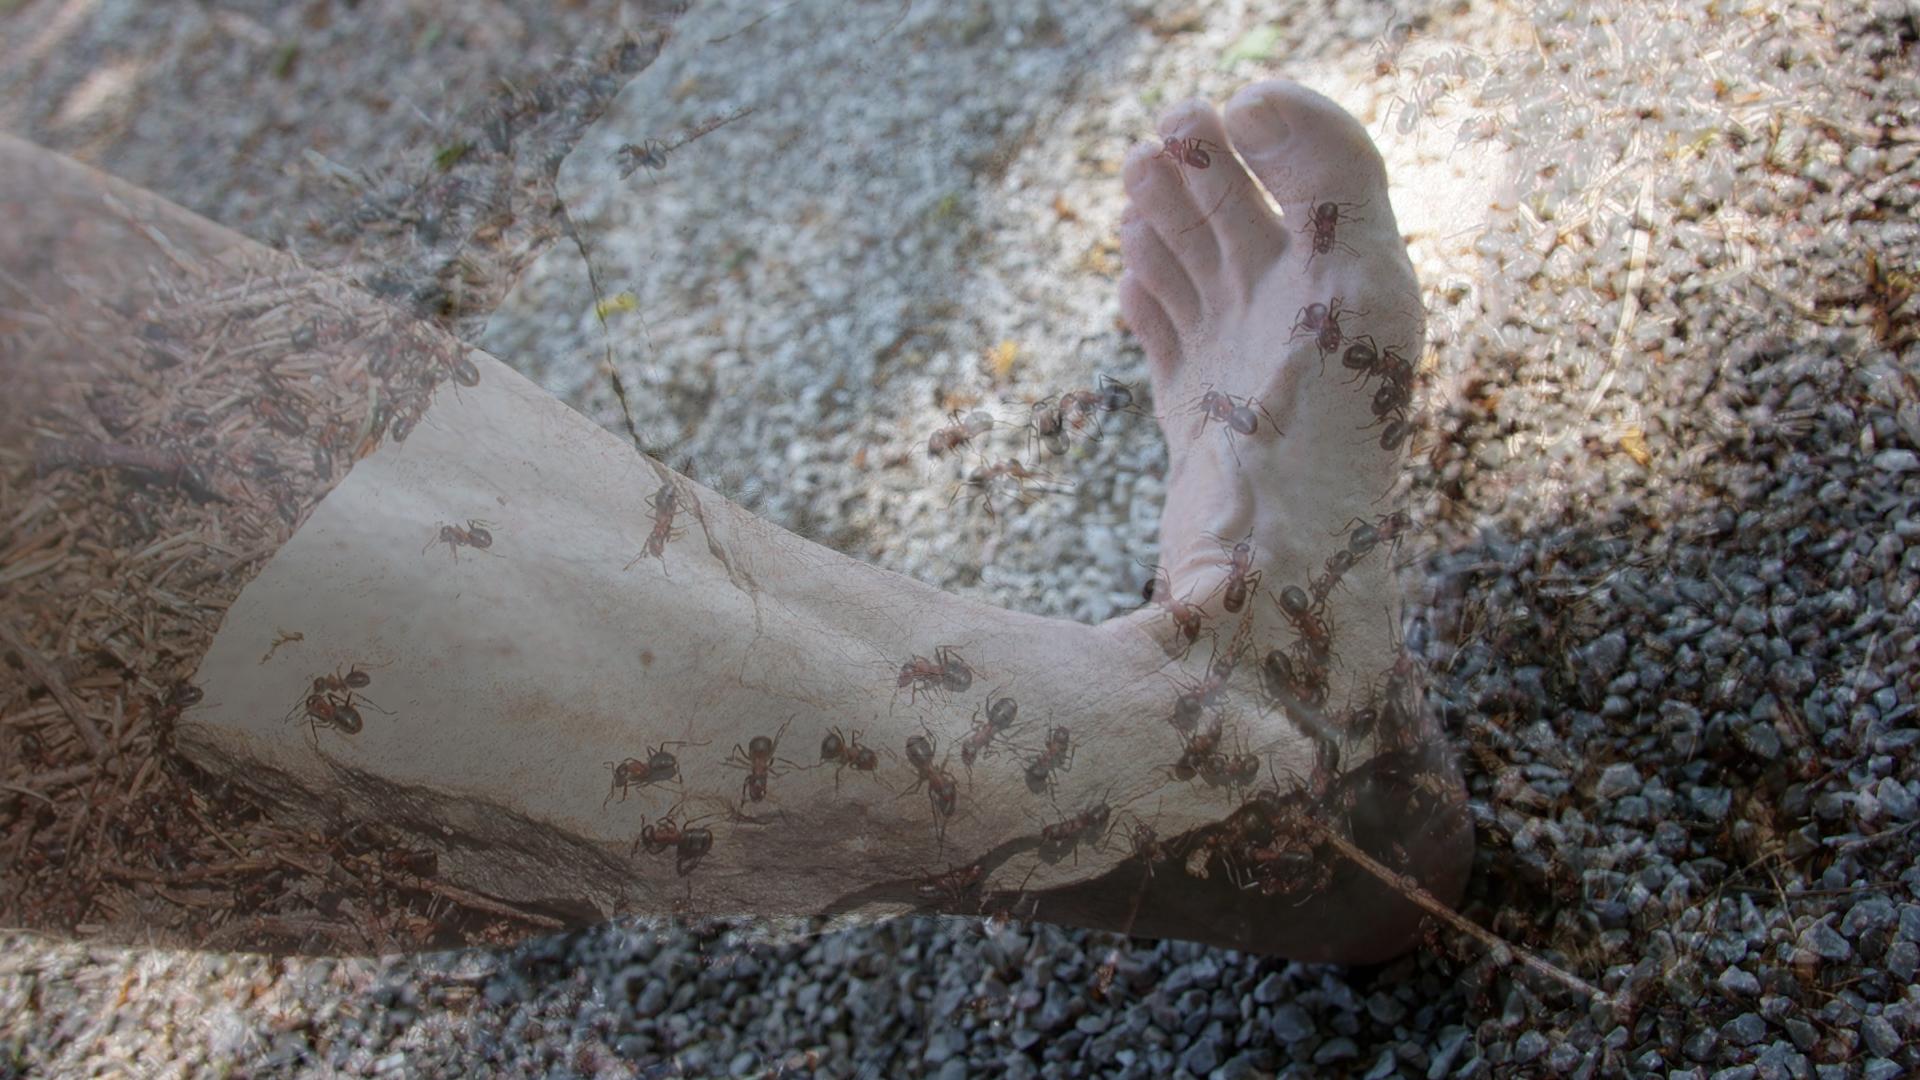 Ameisenkribbeln / Ameisenlaufen / Kribbeln in Armen oder Beinen